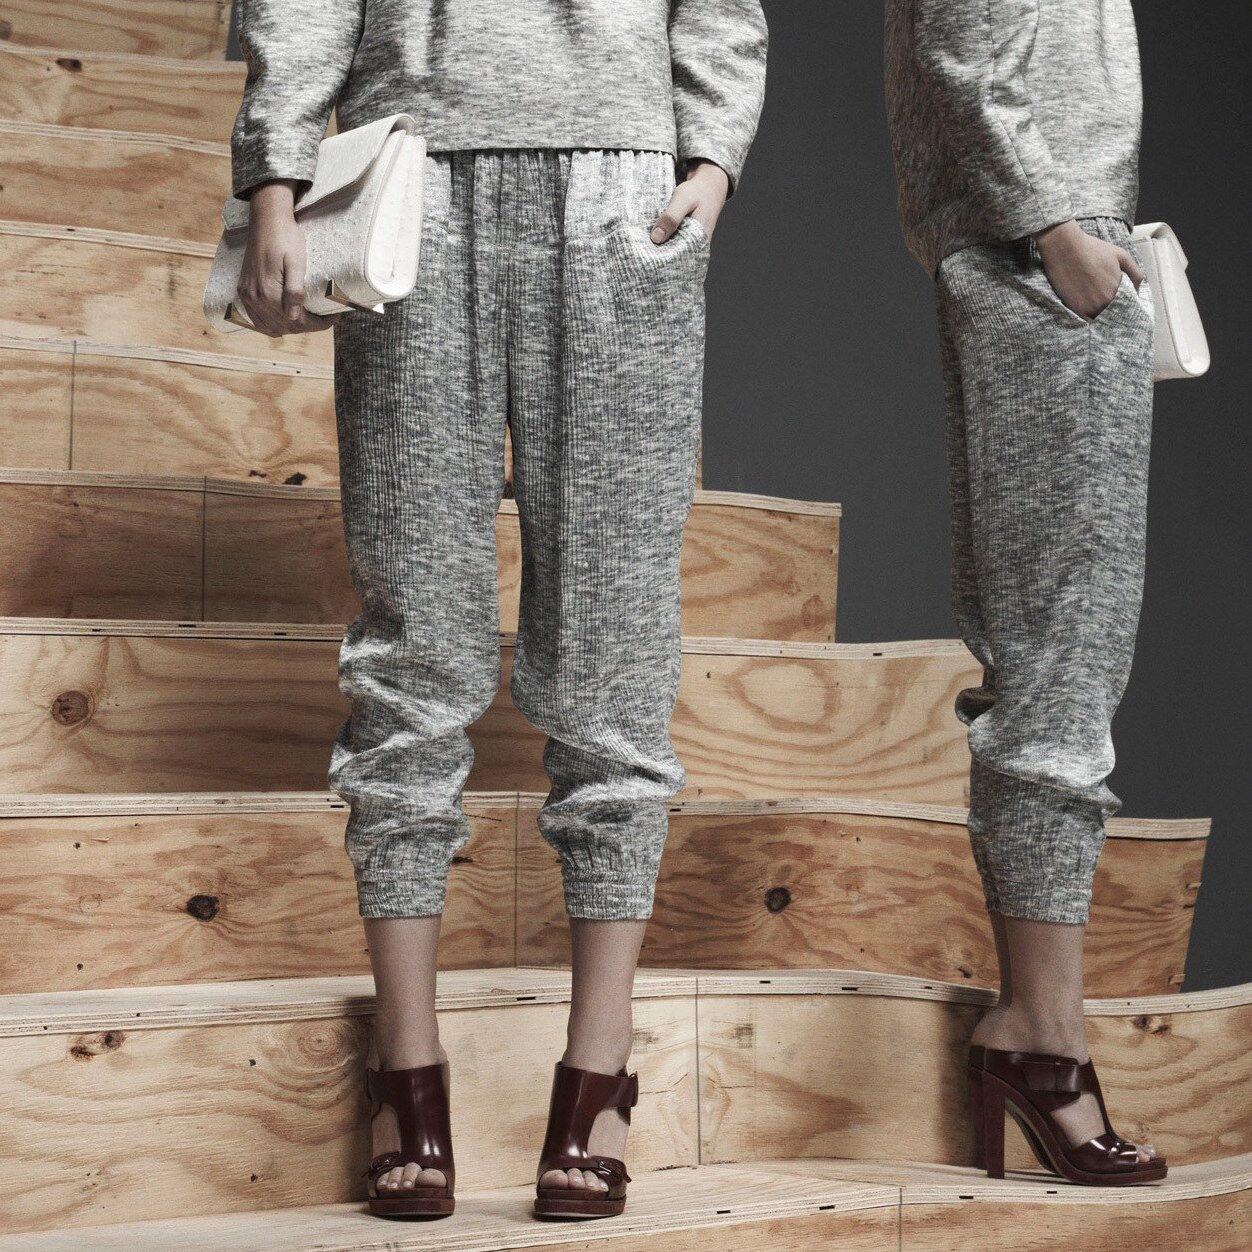 ALEXANDER WANG 'Sweatshirt' 100% Silk Track Pants Größe 4 (MSRP  695)